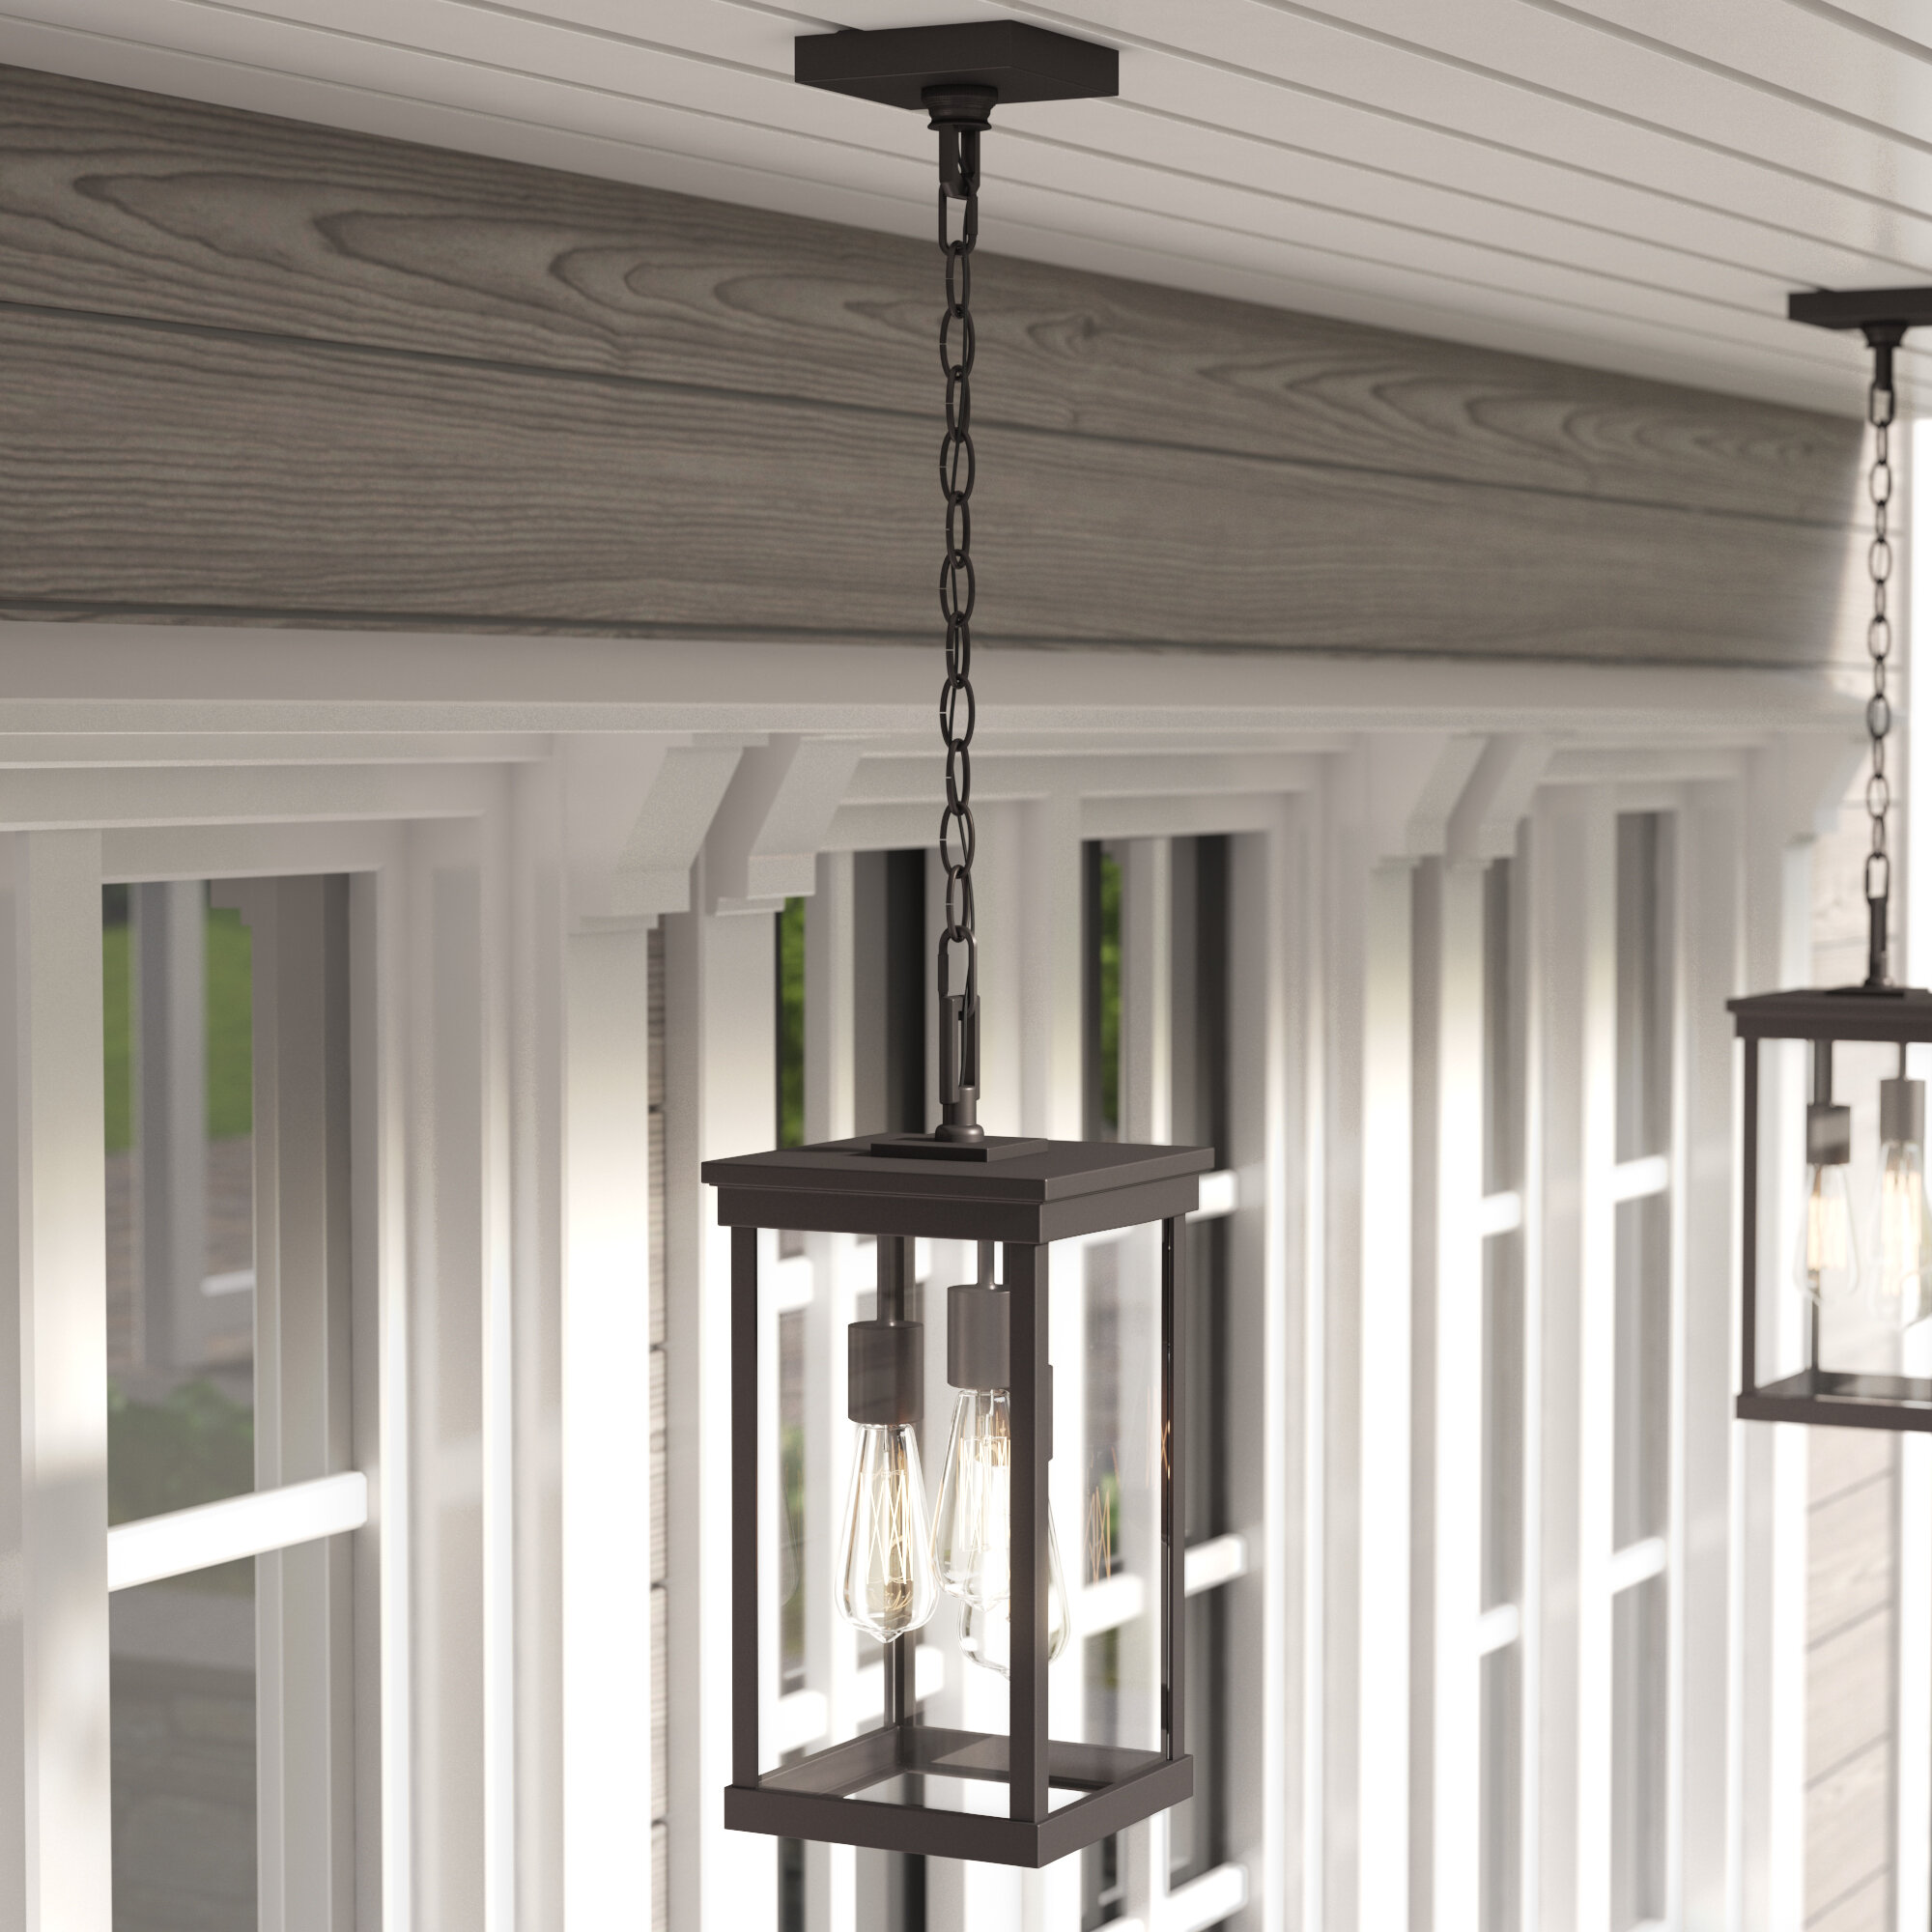 Outdoor Hanging Lanterns Free Shipping Over 35 Wayfair